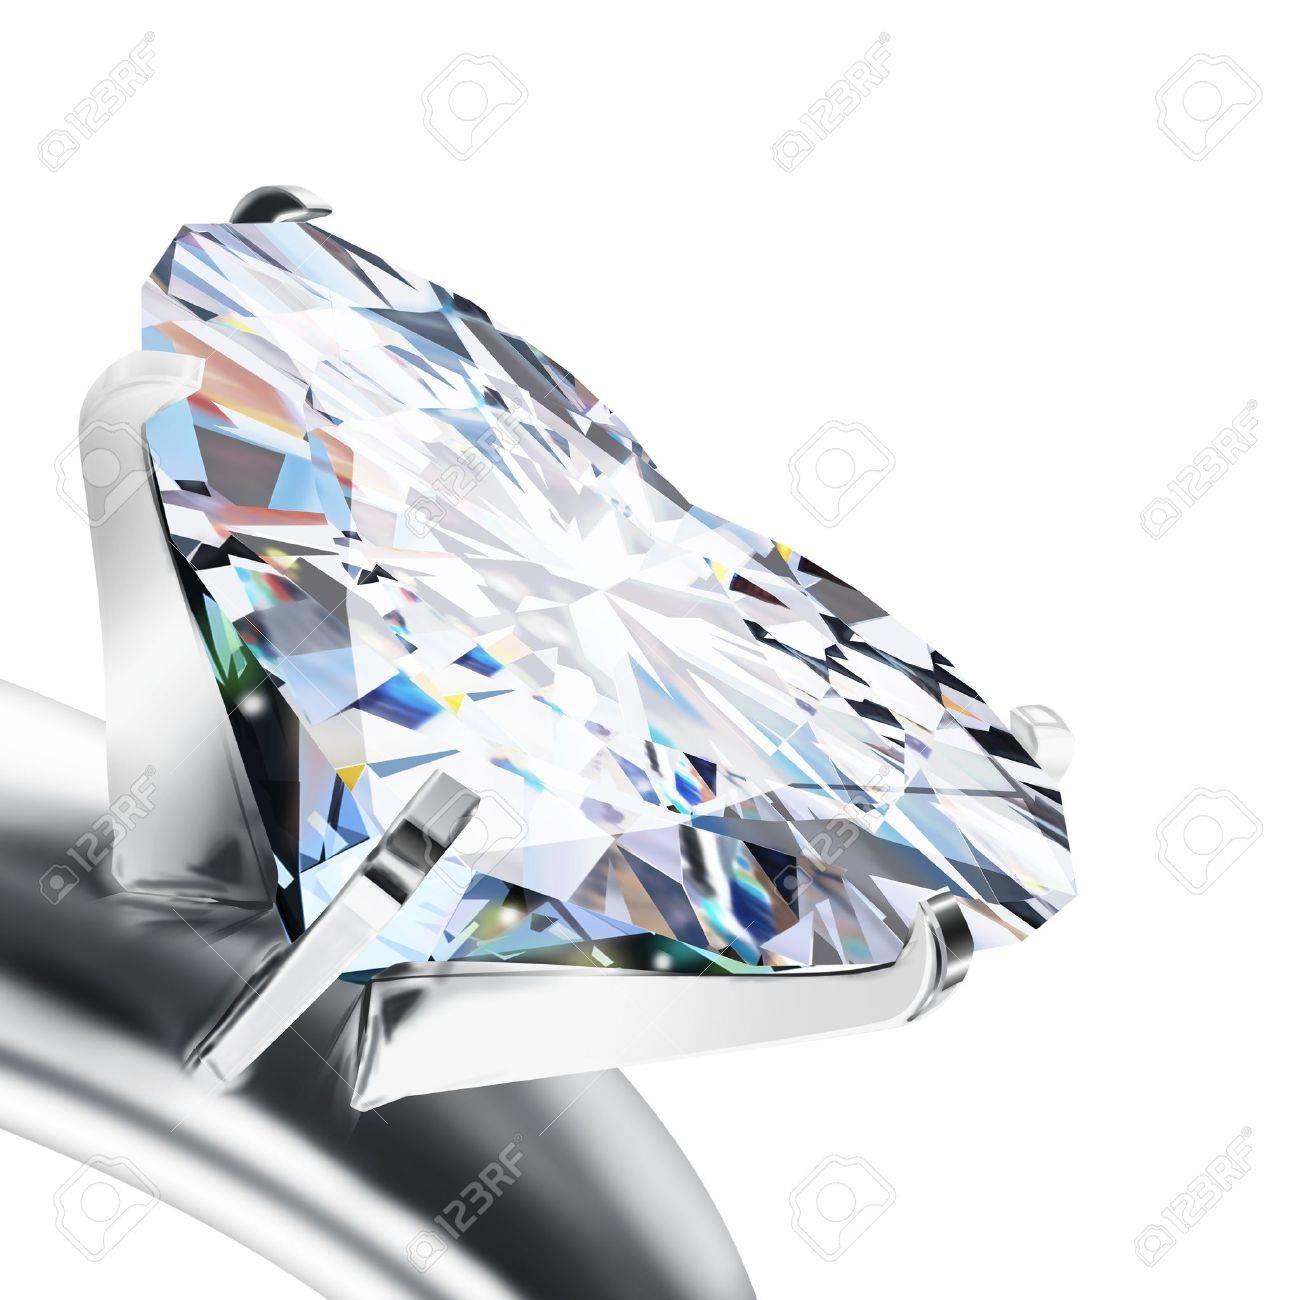 Diamantring herz  Brillantschliff Diamant-Ring Herz Lizenzfreie Fotos, Bilder Und ...